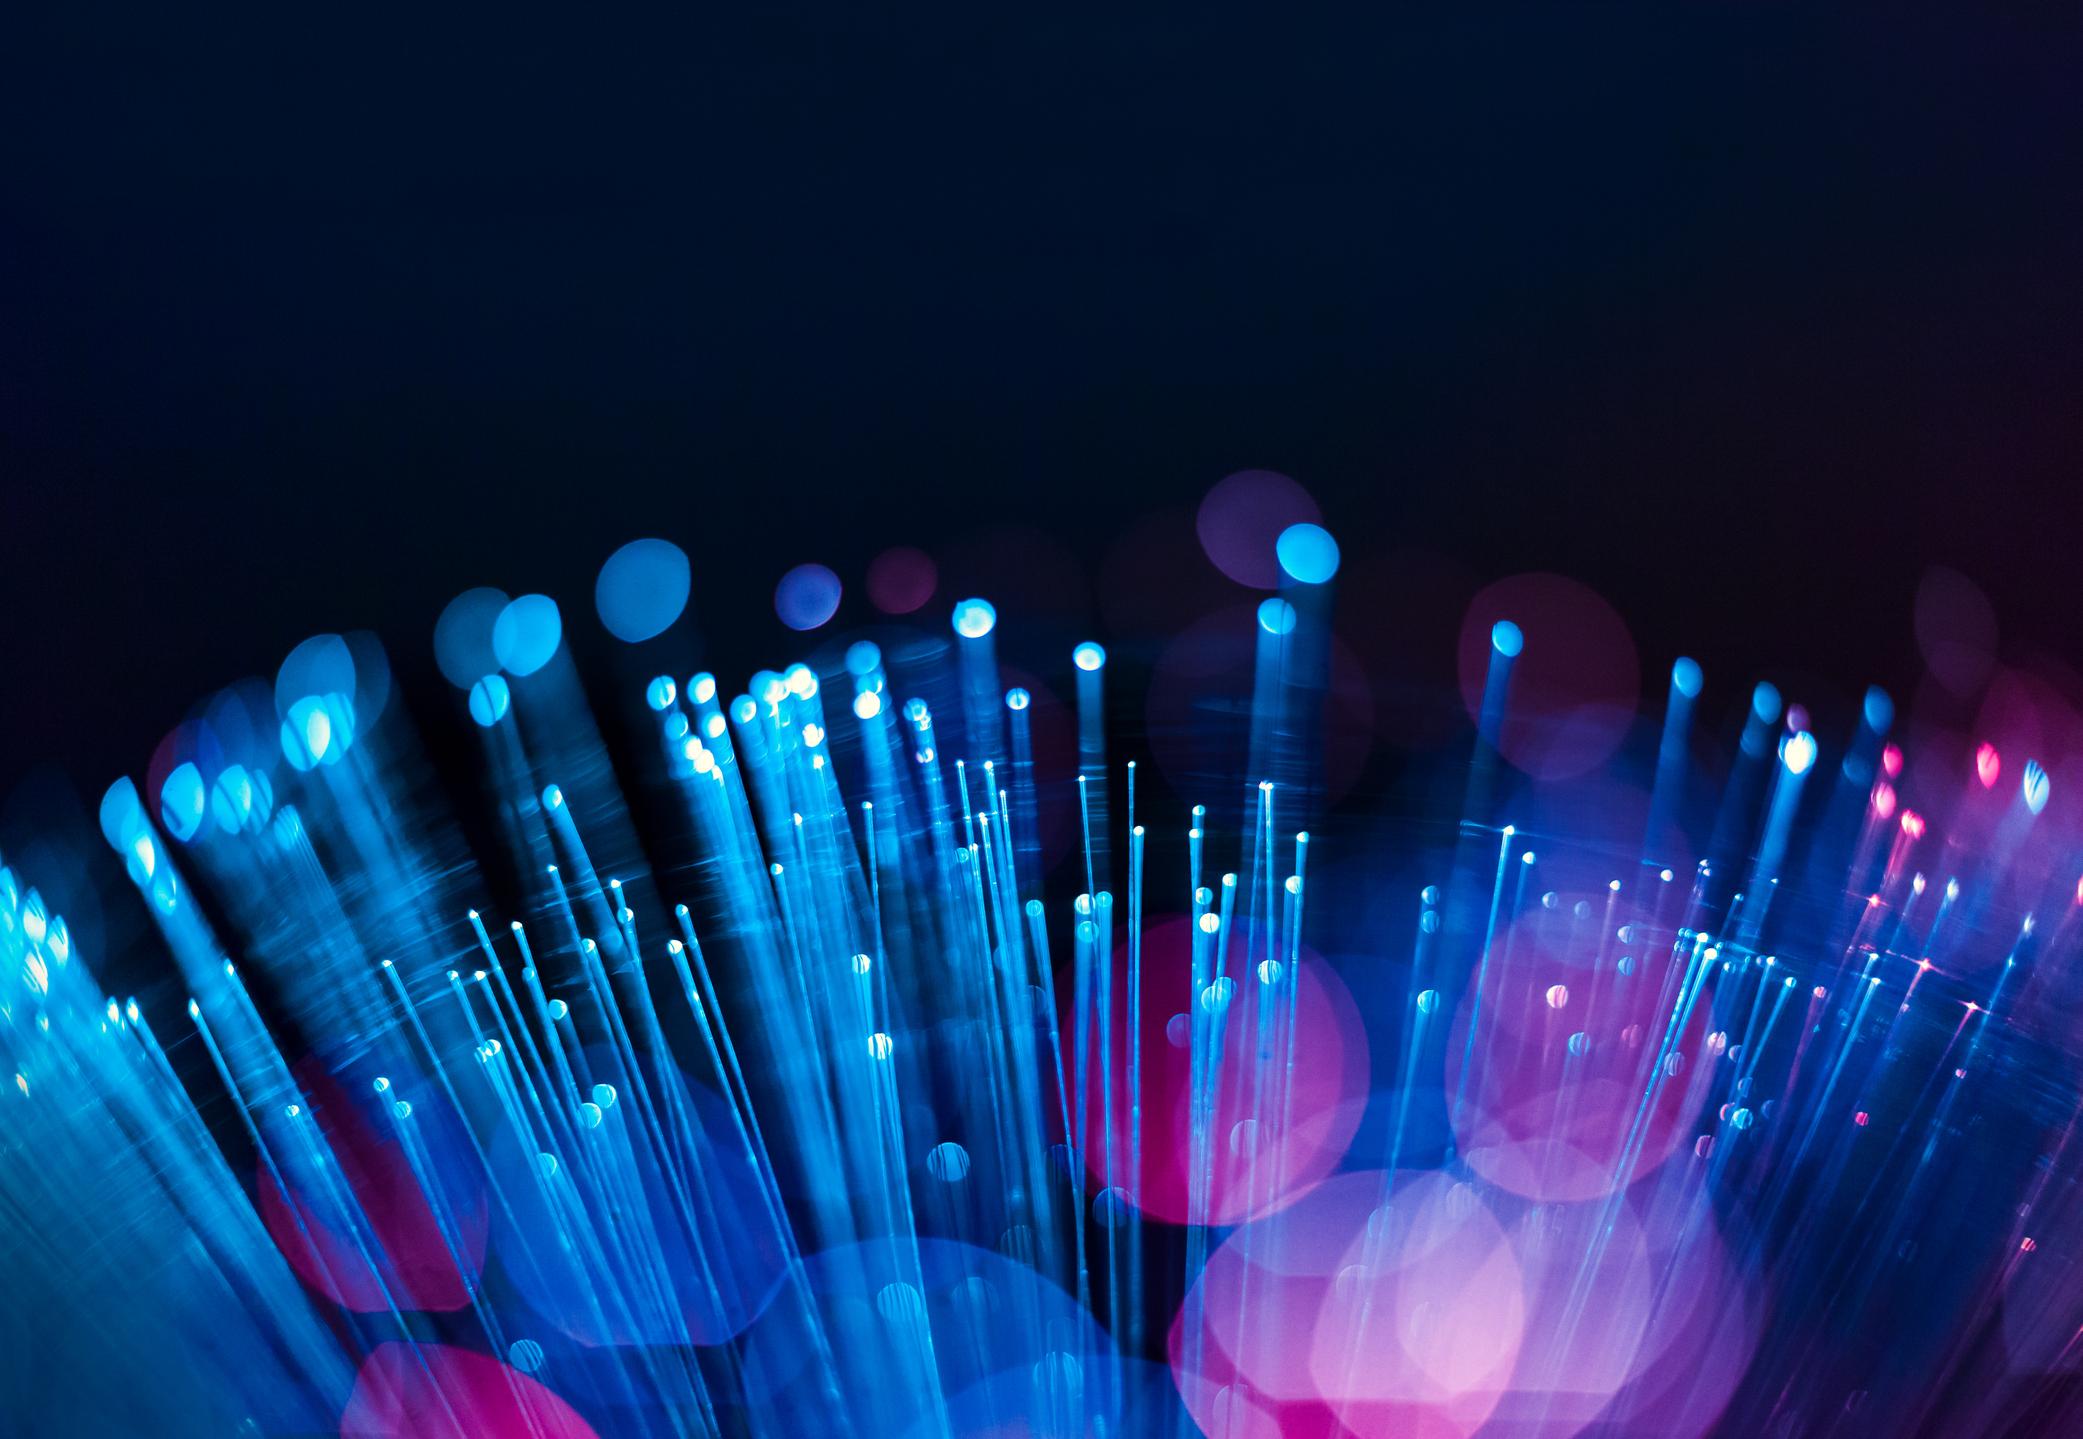 A closeup view of a fiber optic cable.